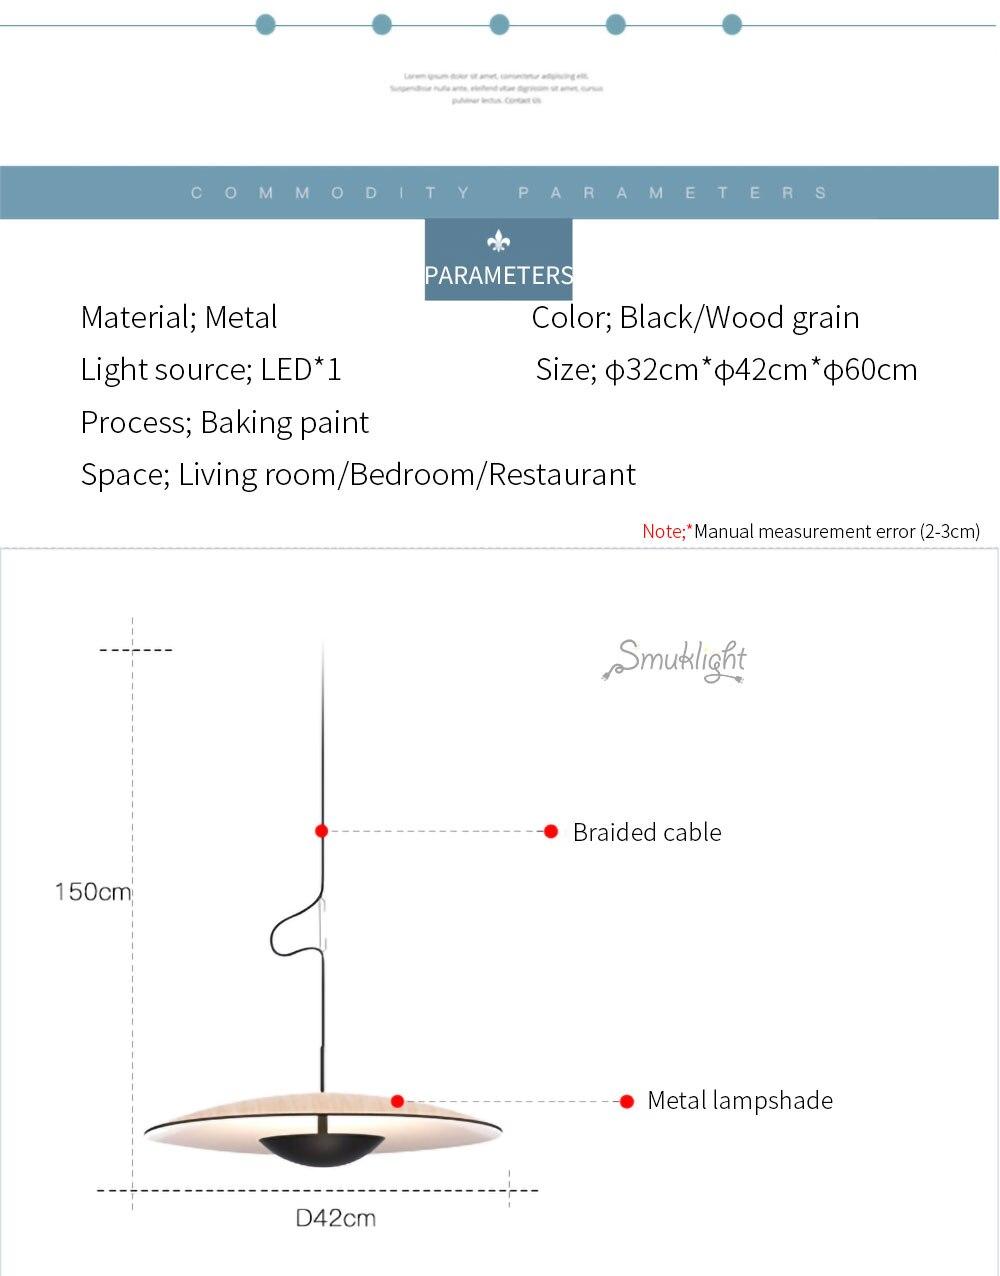 美式简约北欧现代艺术风格意大利设计师客厅餐厅床头吧台卧室吊灯_02